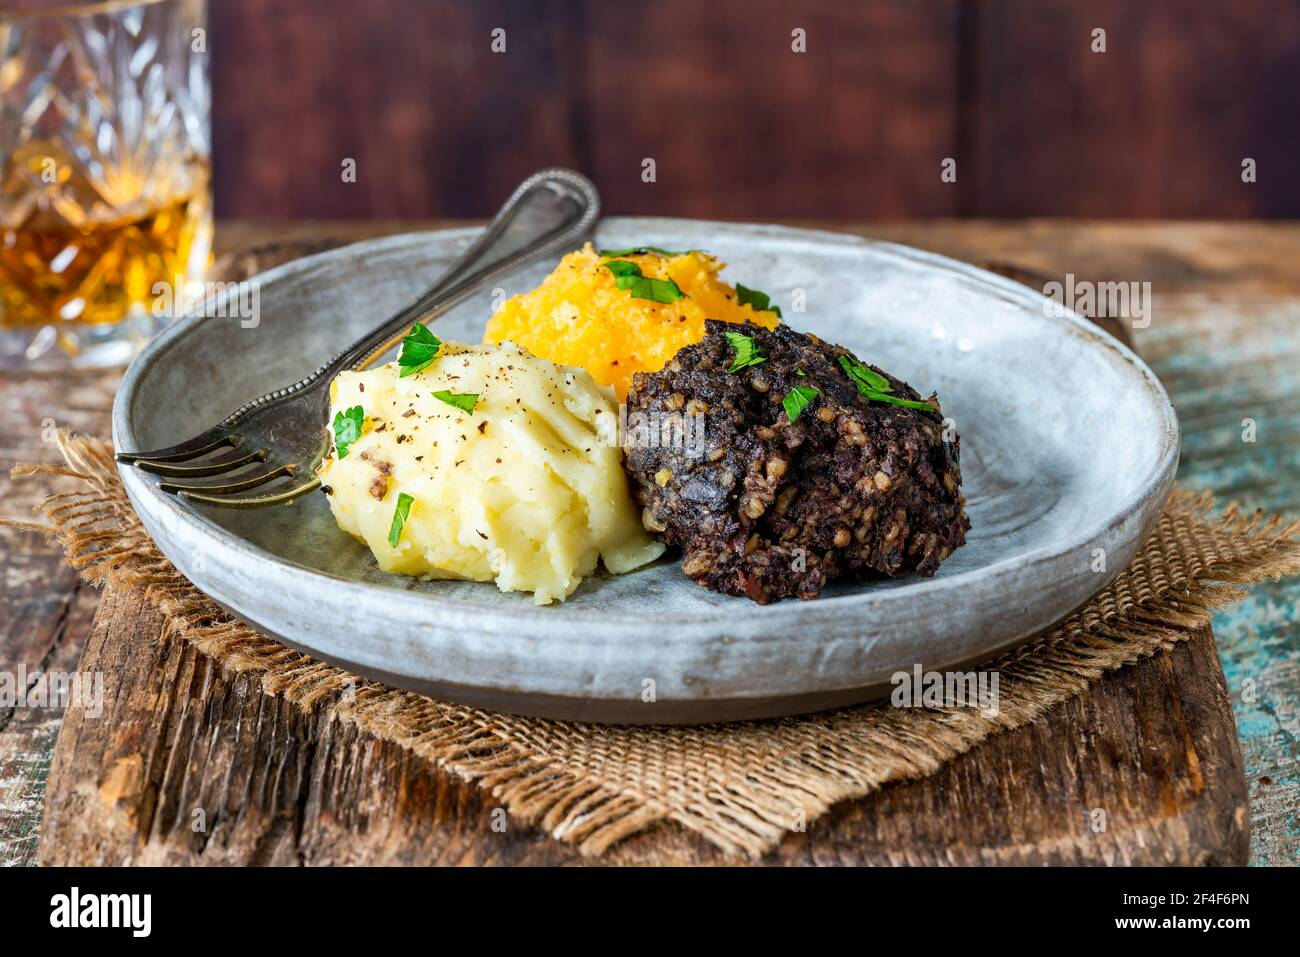 Haggis, neeps y tatties (haggis con nabos y patatas) - tradicional plato escocés para la noche de Burns Foto de stock